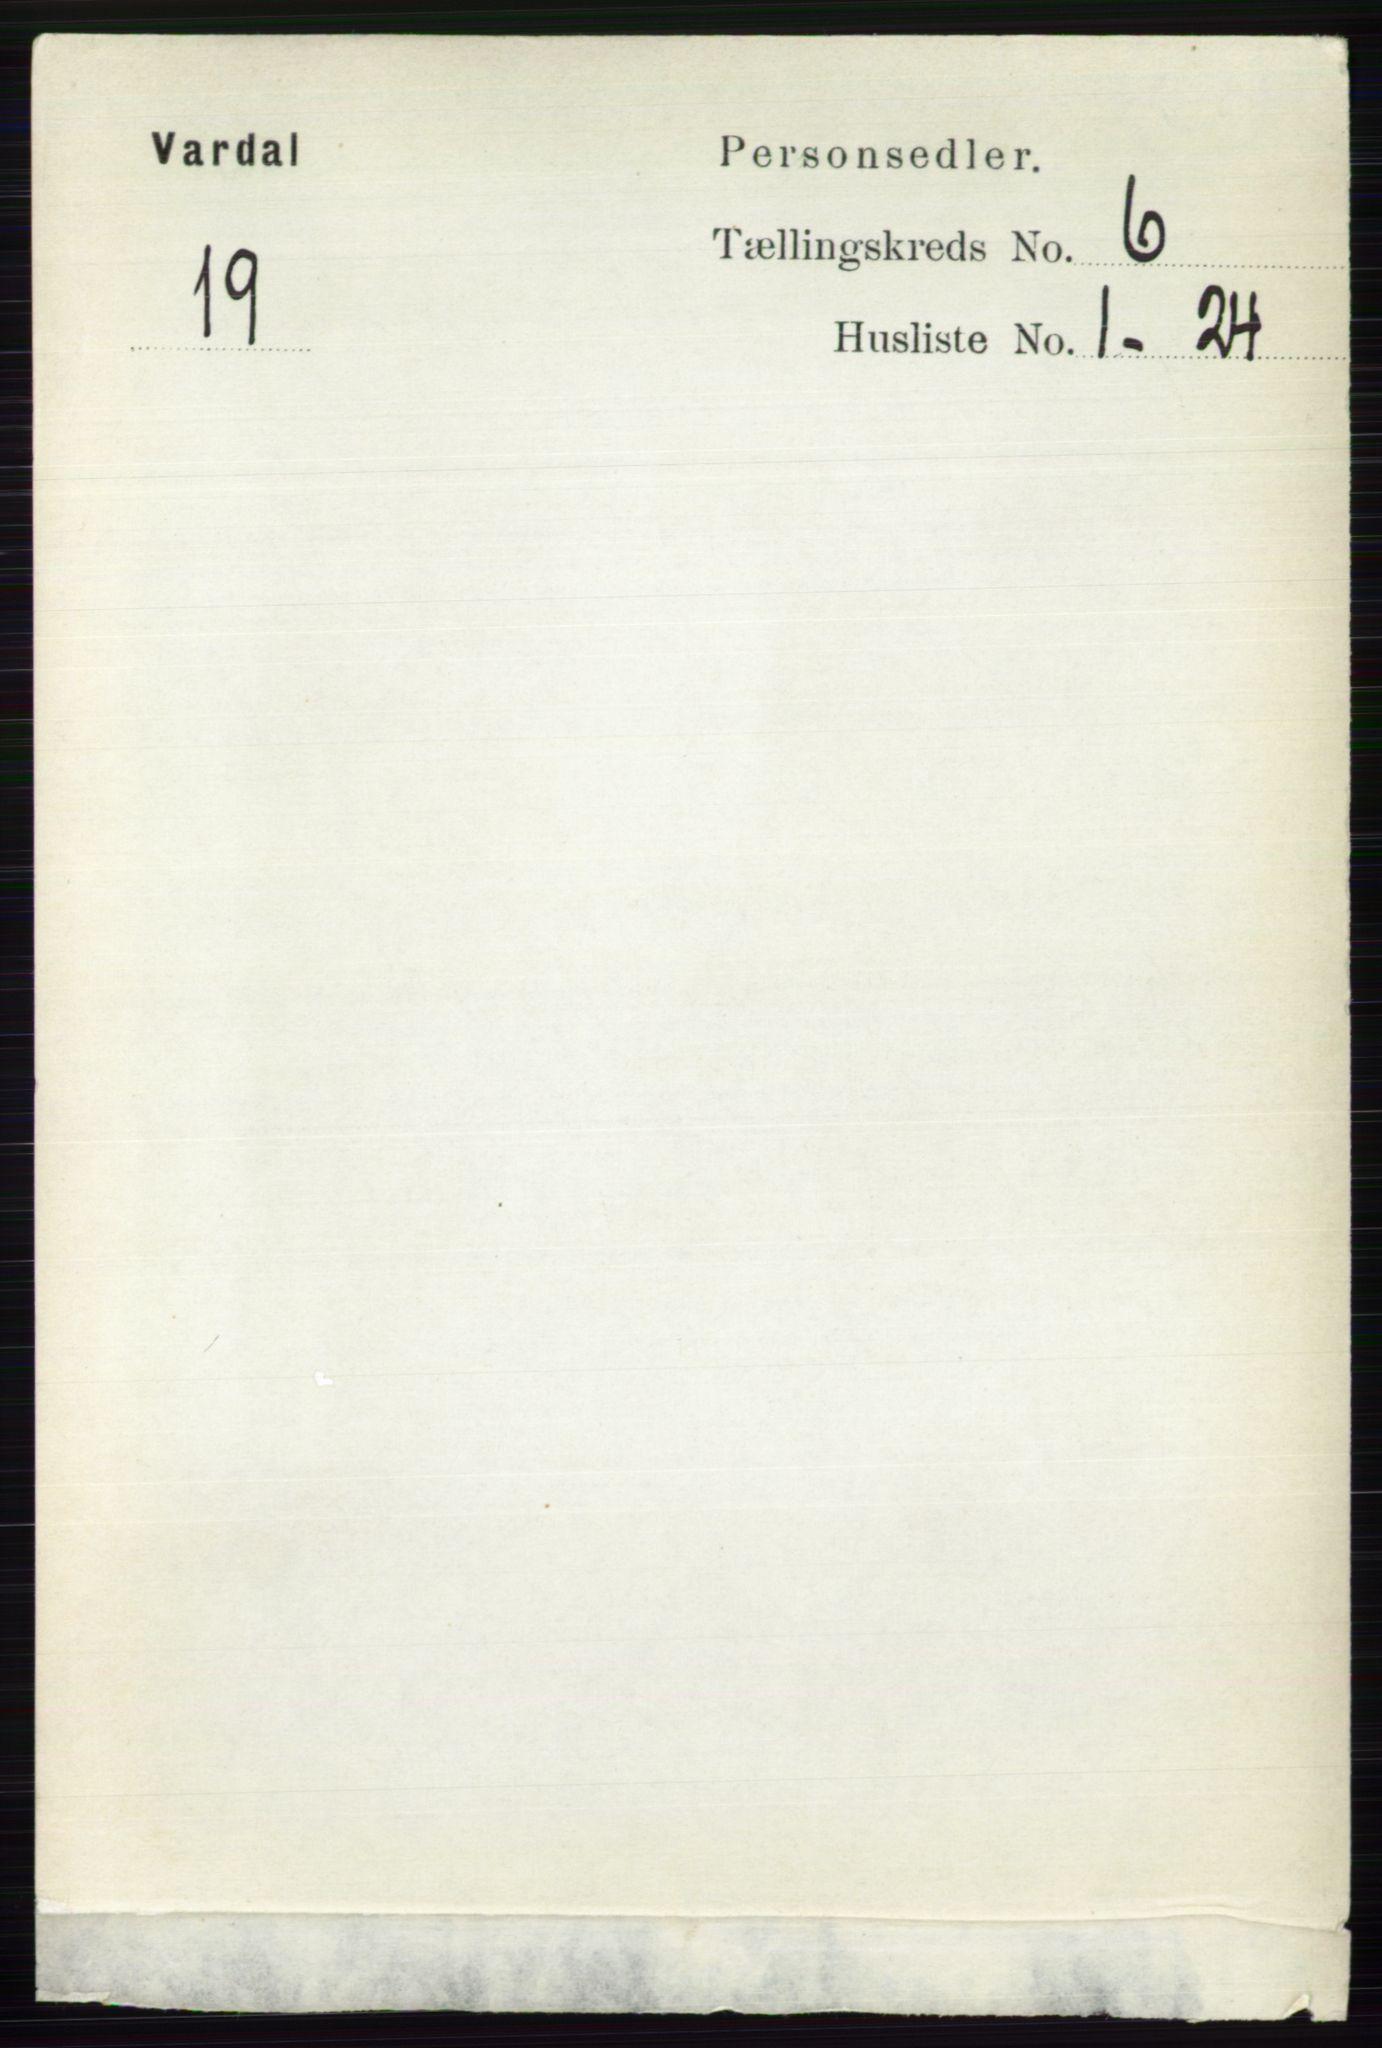 RA, Folketelling 1891 for 0527 Vardal herred, 1891, s. 2373